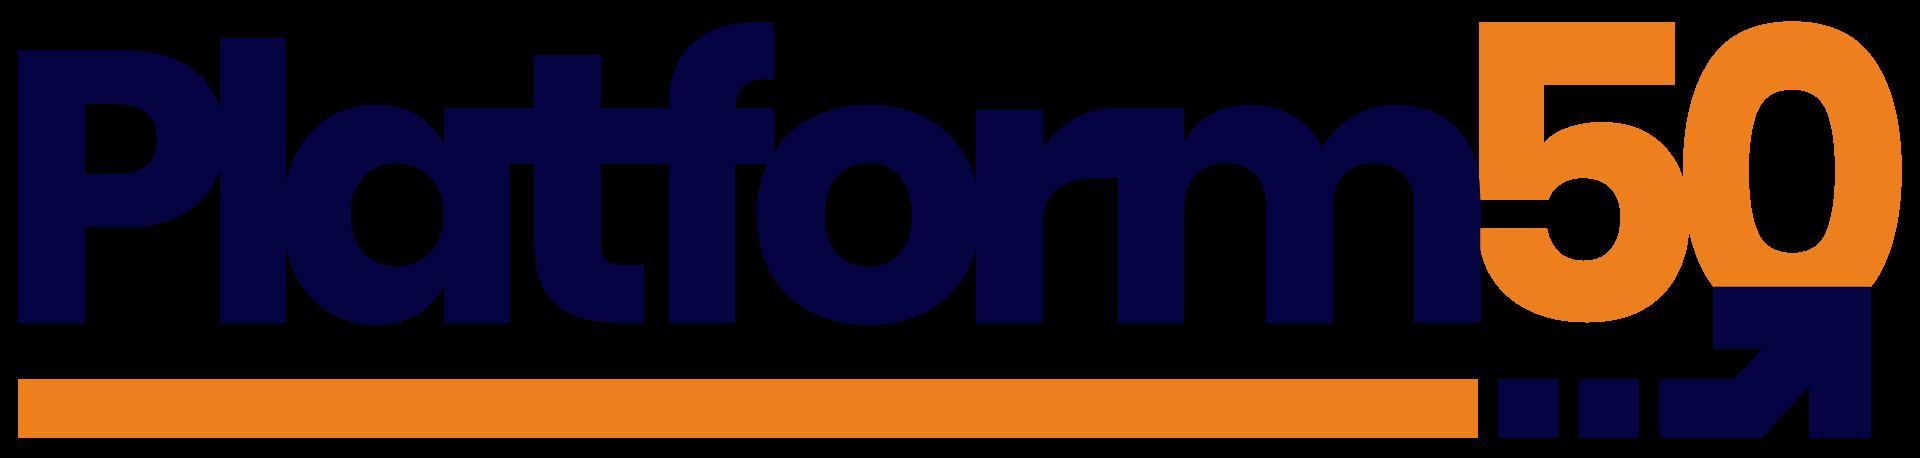 Platform 50